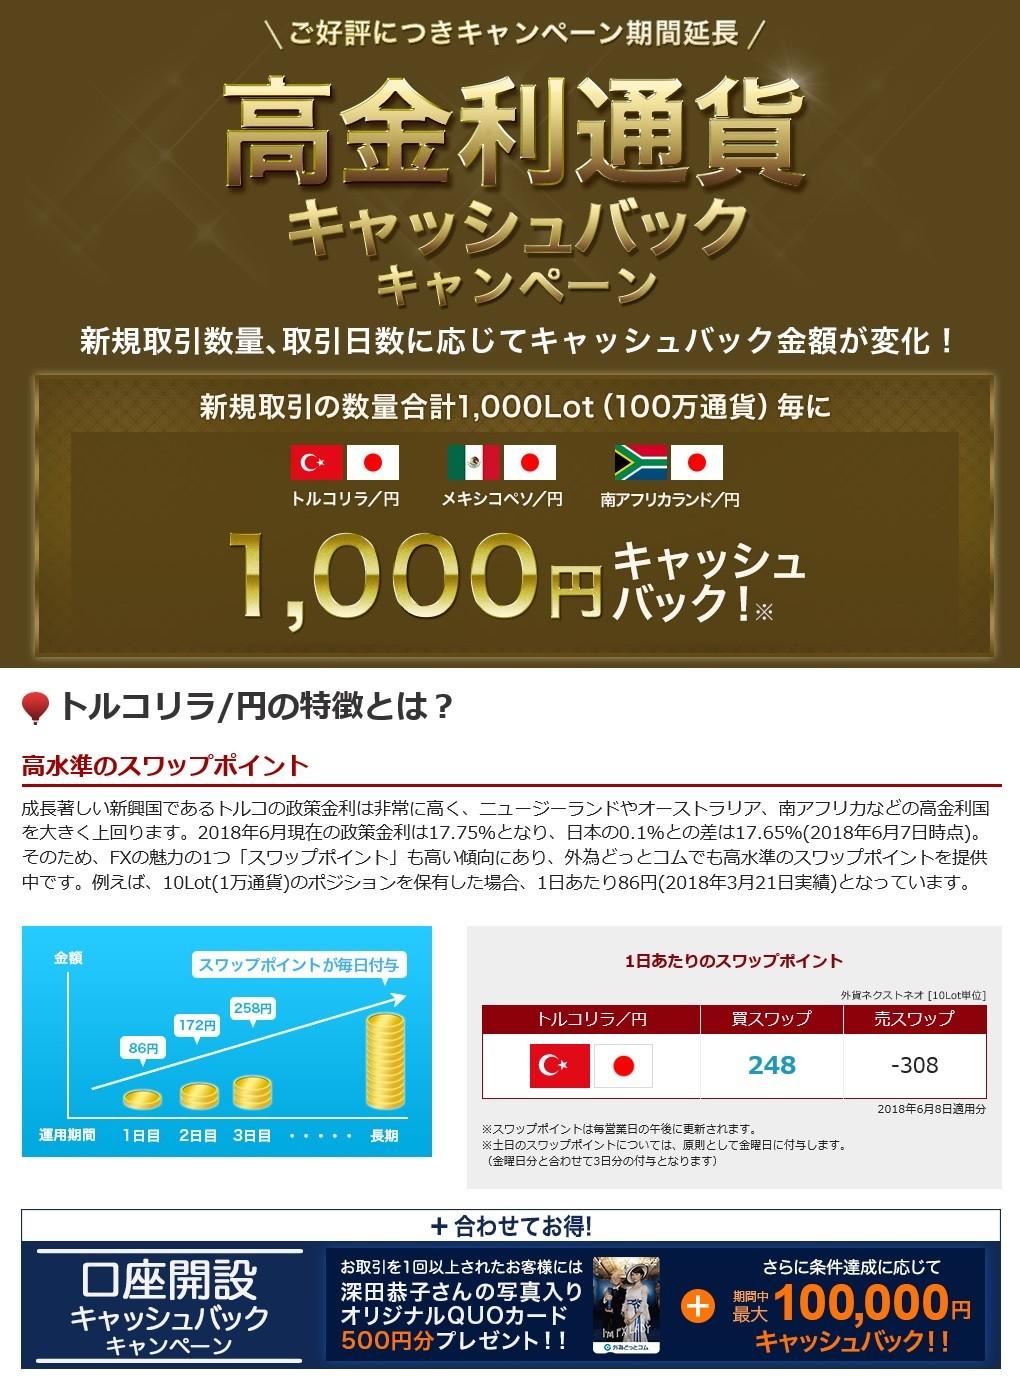 外為どっとコム・トルコ円スワップポイント(6月8日)